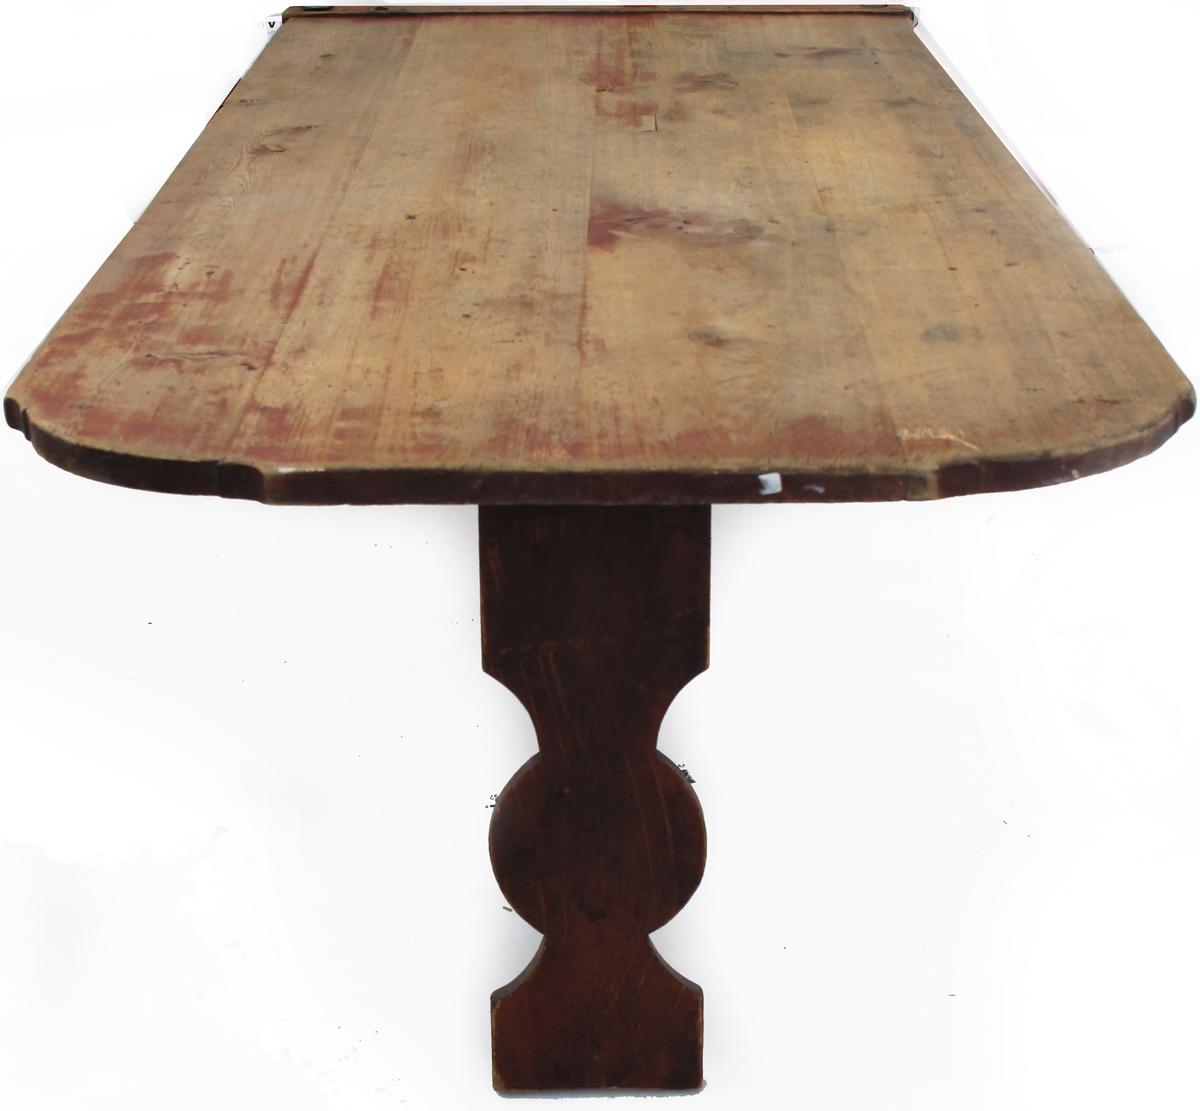 Bordskive , nedfellbar.  Furu , rødmalt. Den ene side har en  tverrligger langs kanten med to hengsler. Den andre side har avrundede og profilerte hjørner. På baksiden nedfellbart ben i form av et bord med en sirkelform nede.  Tilstand: rødfargen på bordplaten er avslitt.